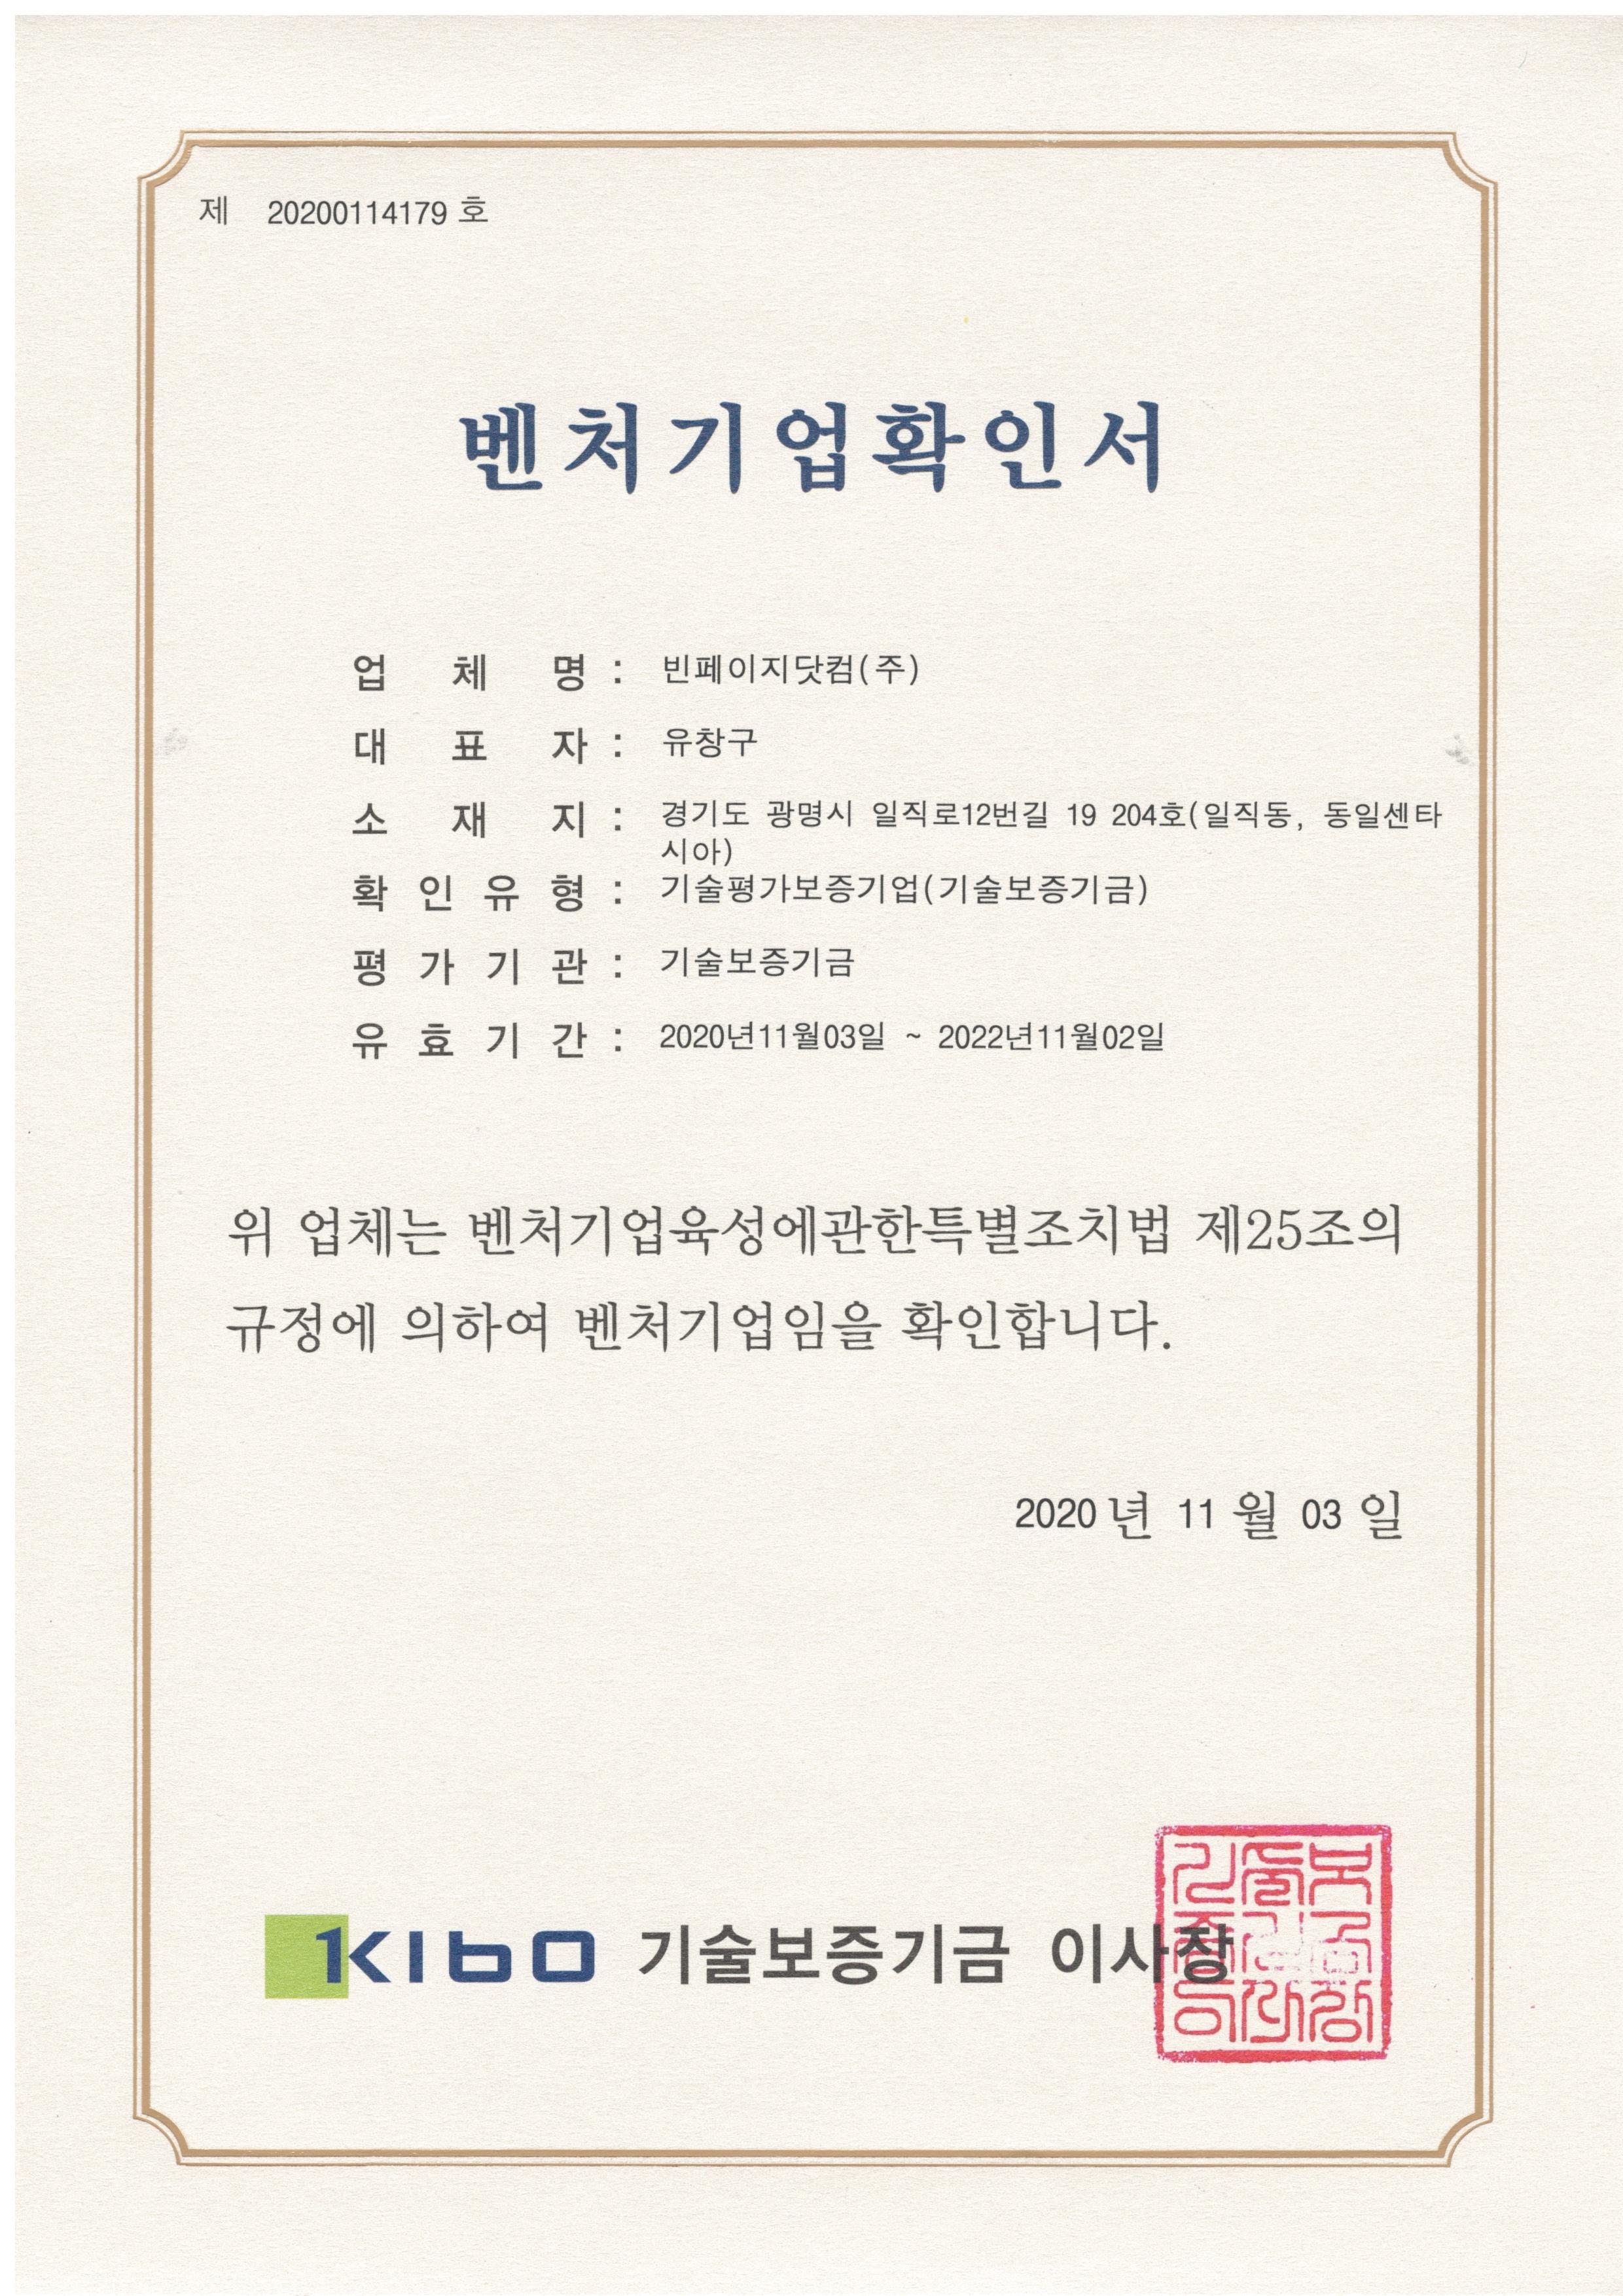 빈페이지닷컴(주)_벤처기업인증.jpeg